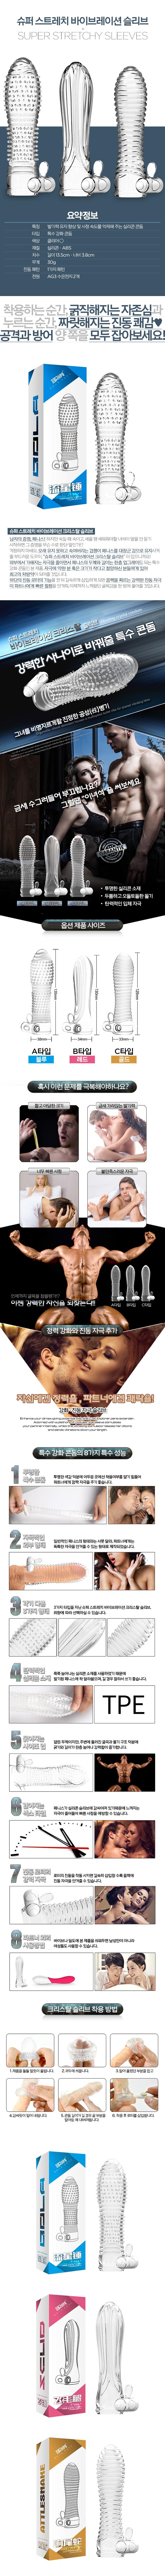 [원터치 진동] 슈퍼 스트레치 바이브레이션 크리스탈 슬리브(Super Stretchy Vibration Crystal Sleeves) - 6922359301857